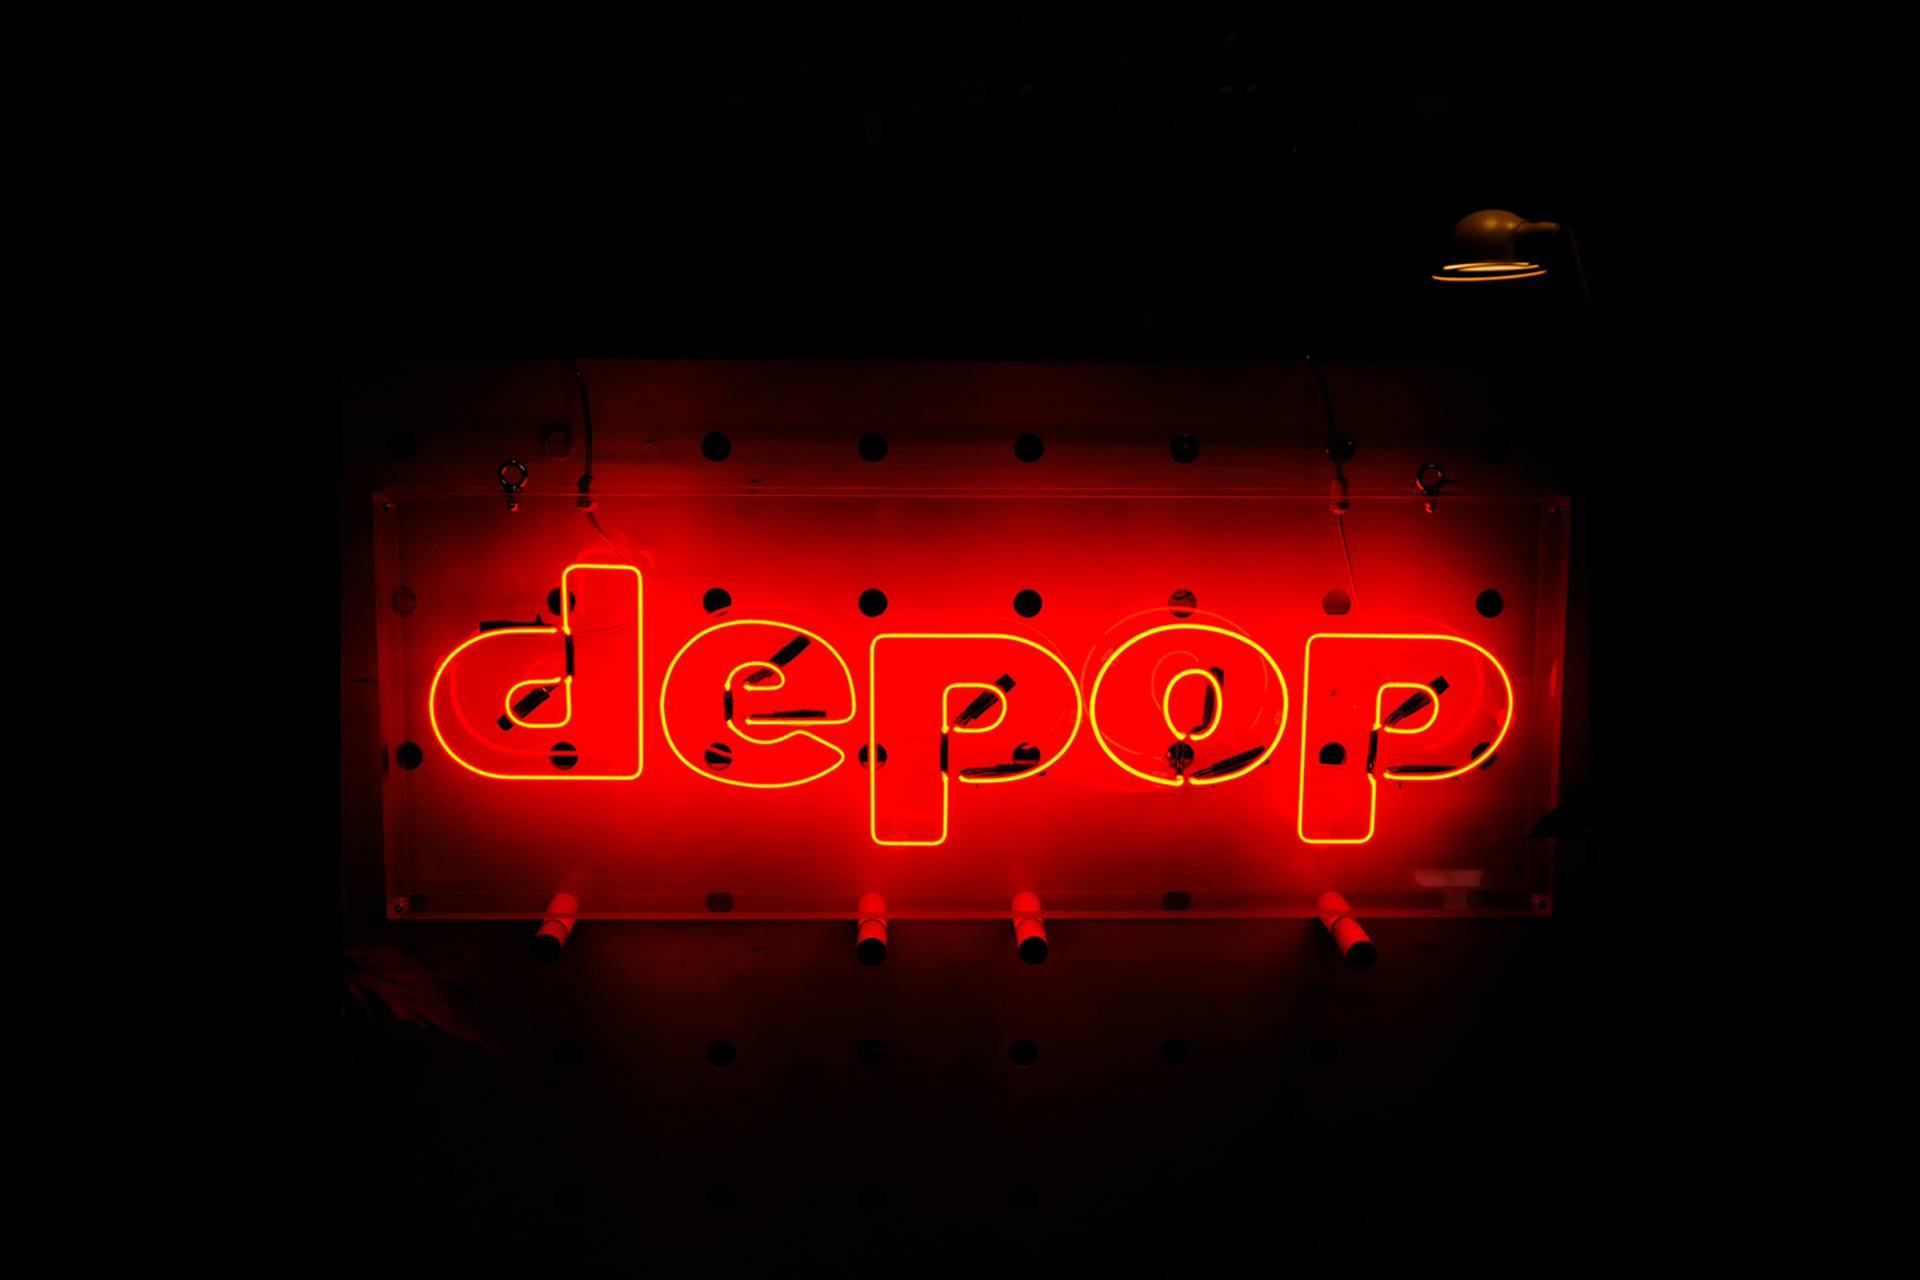 Depop-logo-light-1920.jpg